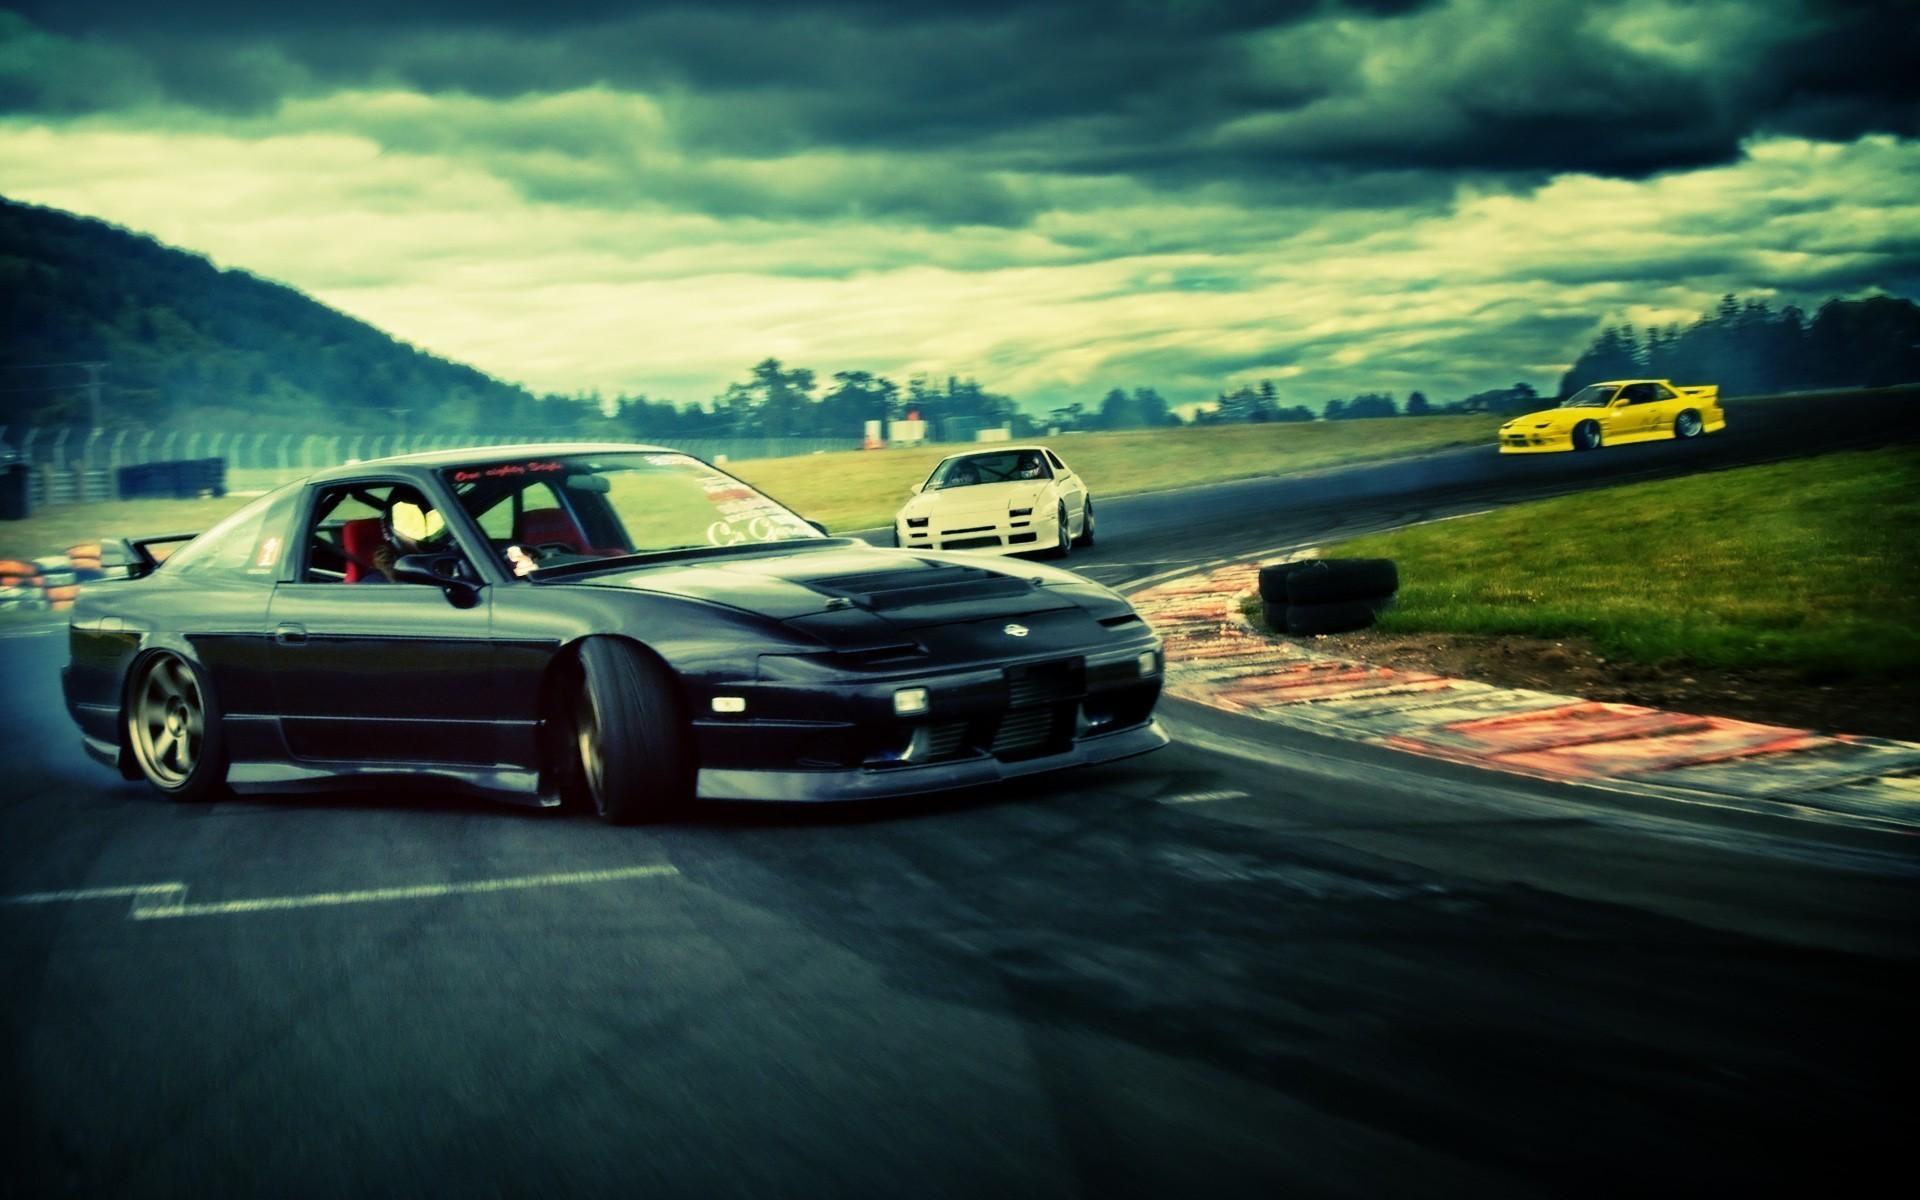 Drift full hd wallpaper and background image 1920x1200 - Drift car wallpaper ...